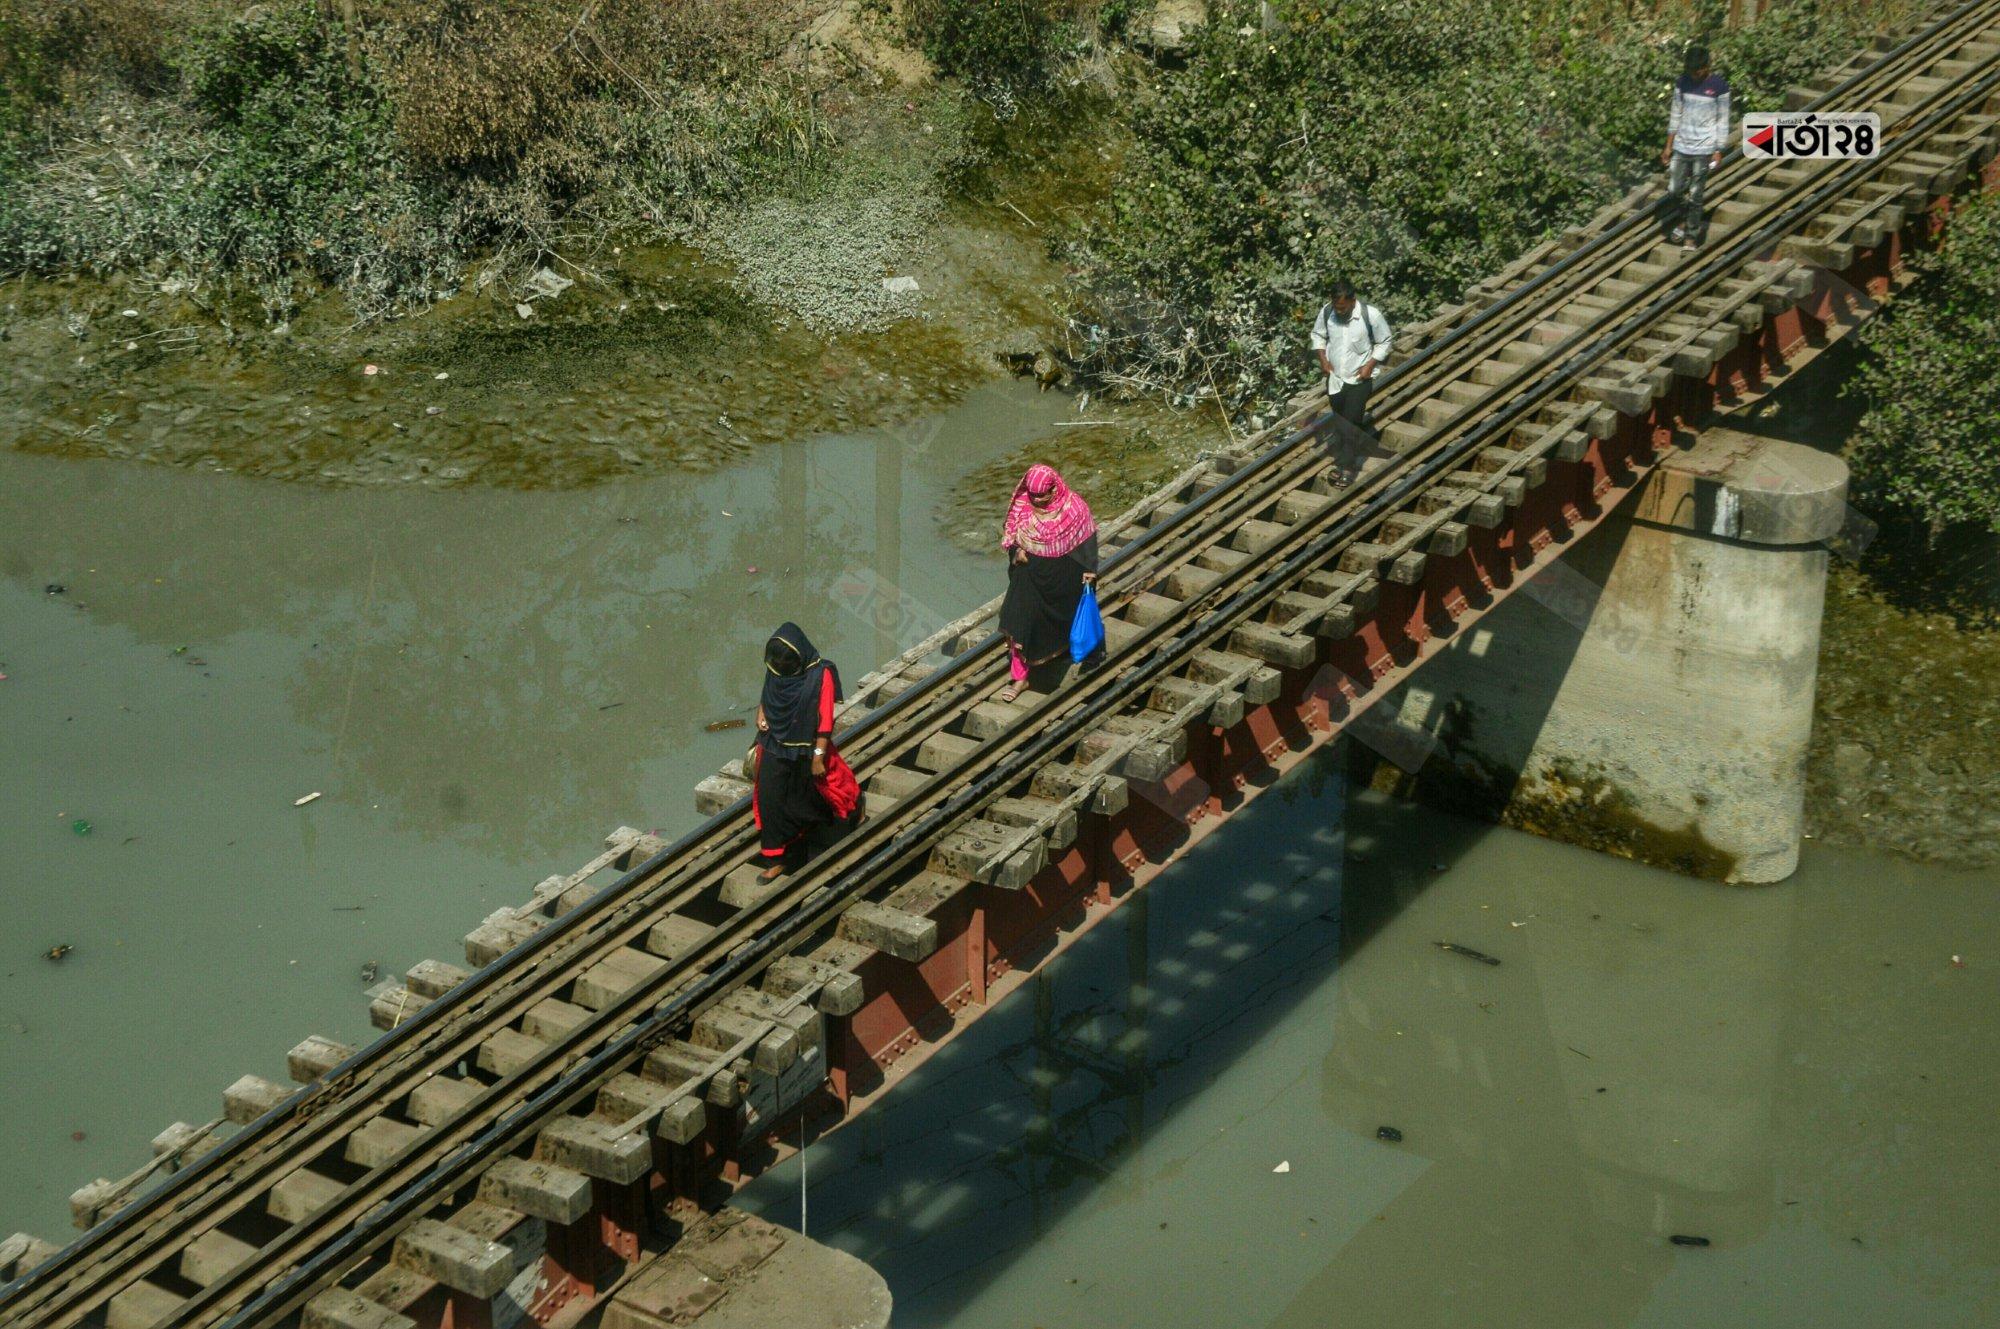 পথচারীরা জীবনের ঝুঁকি নিয়ে পার হচ্ছে চট্টগ্রাম বন্দর এলাকার ক্রসিং মোড়ের রেলসেতুটি। ছবি : সুমন শেখ